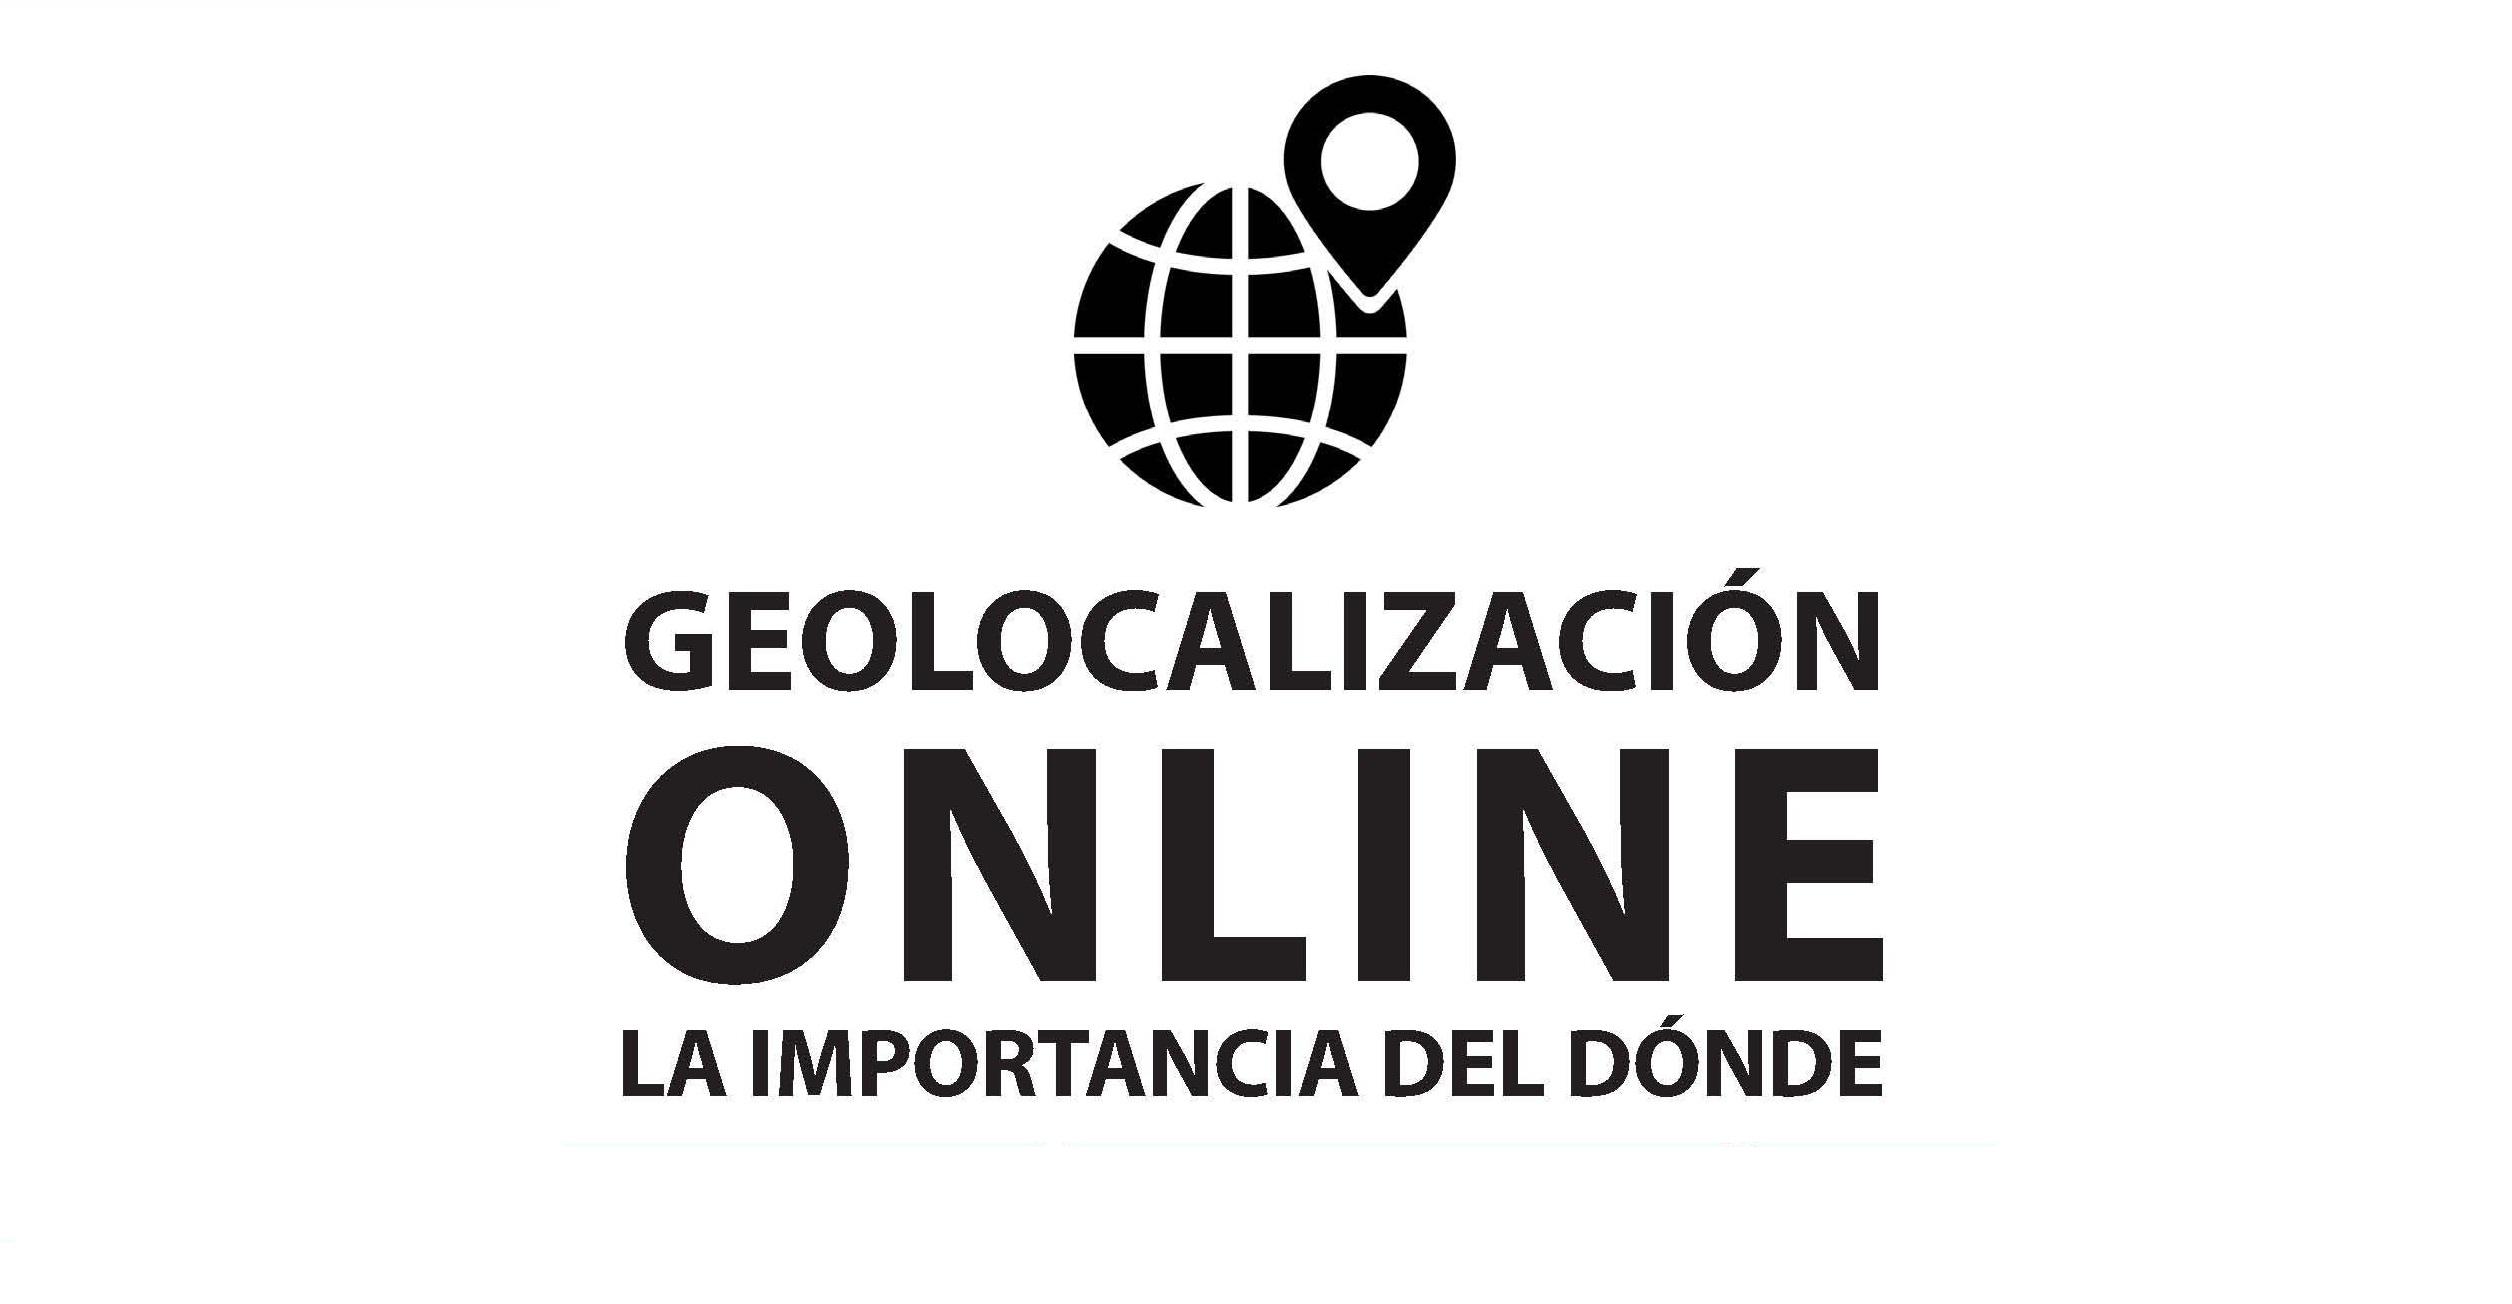 Geolocalizacion-online GEOMARKETING: Tus clientes viven y sueñan en algún sitio